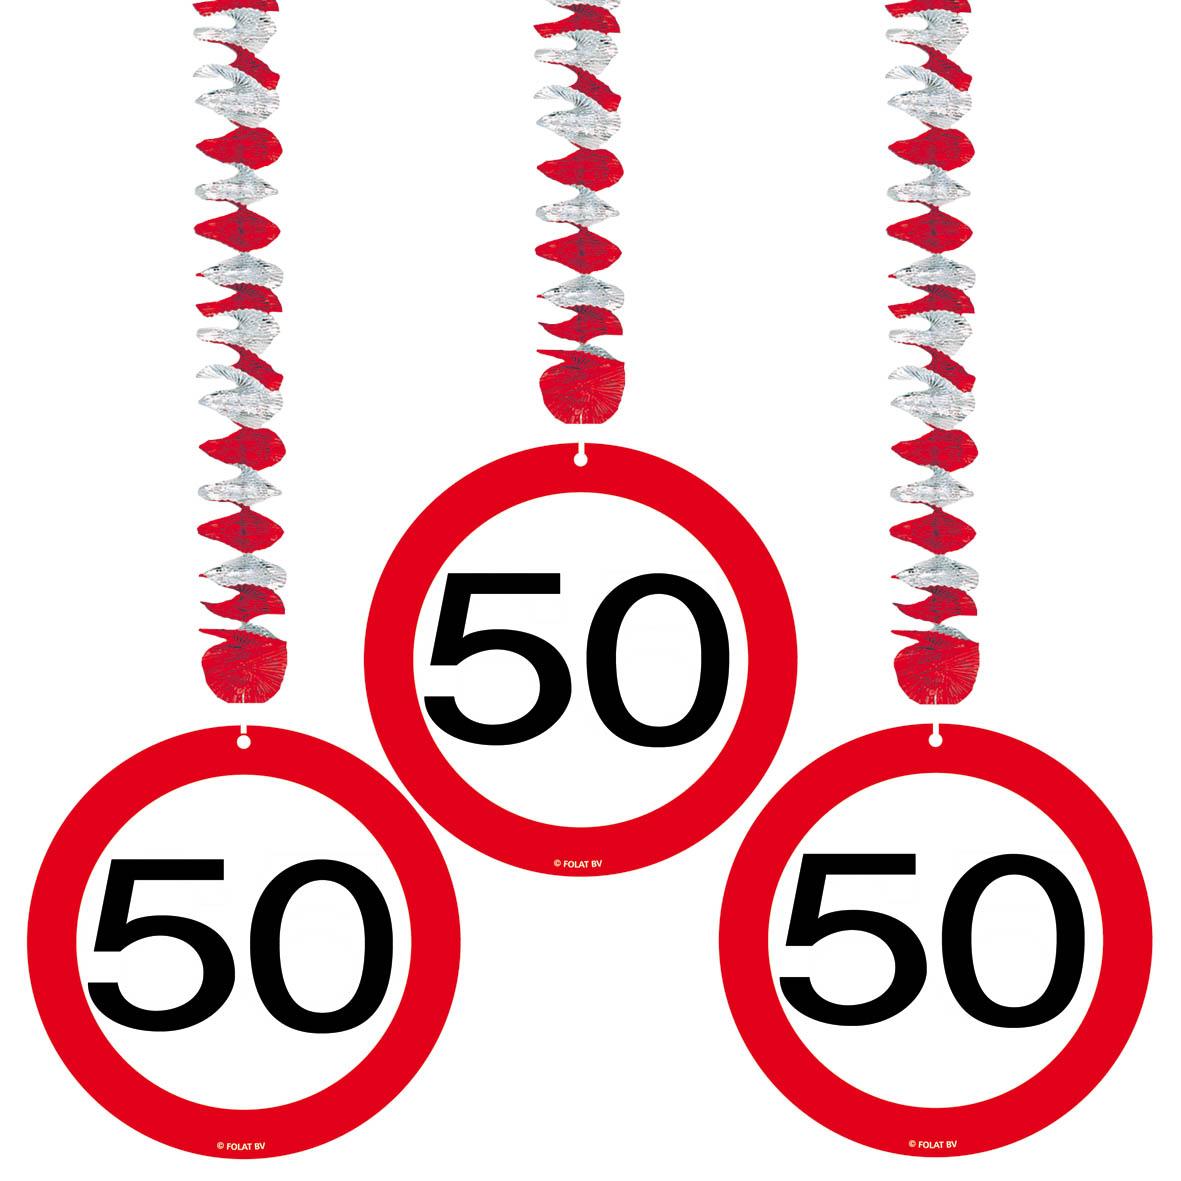 foto 50 jaar Feesthoek foto 50 jaar